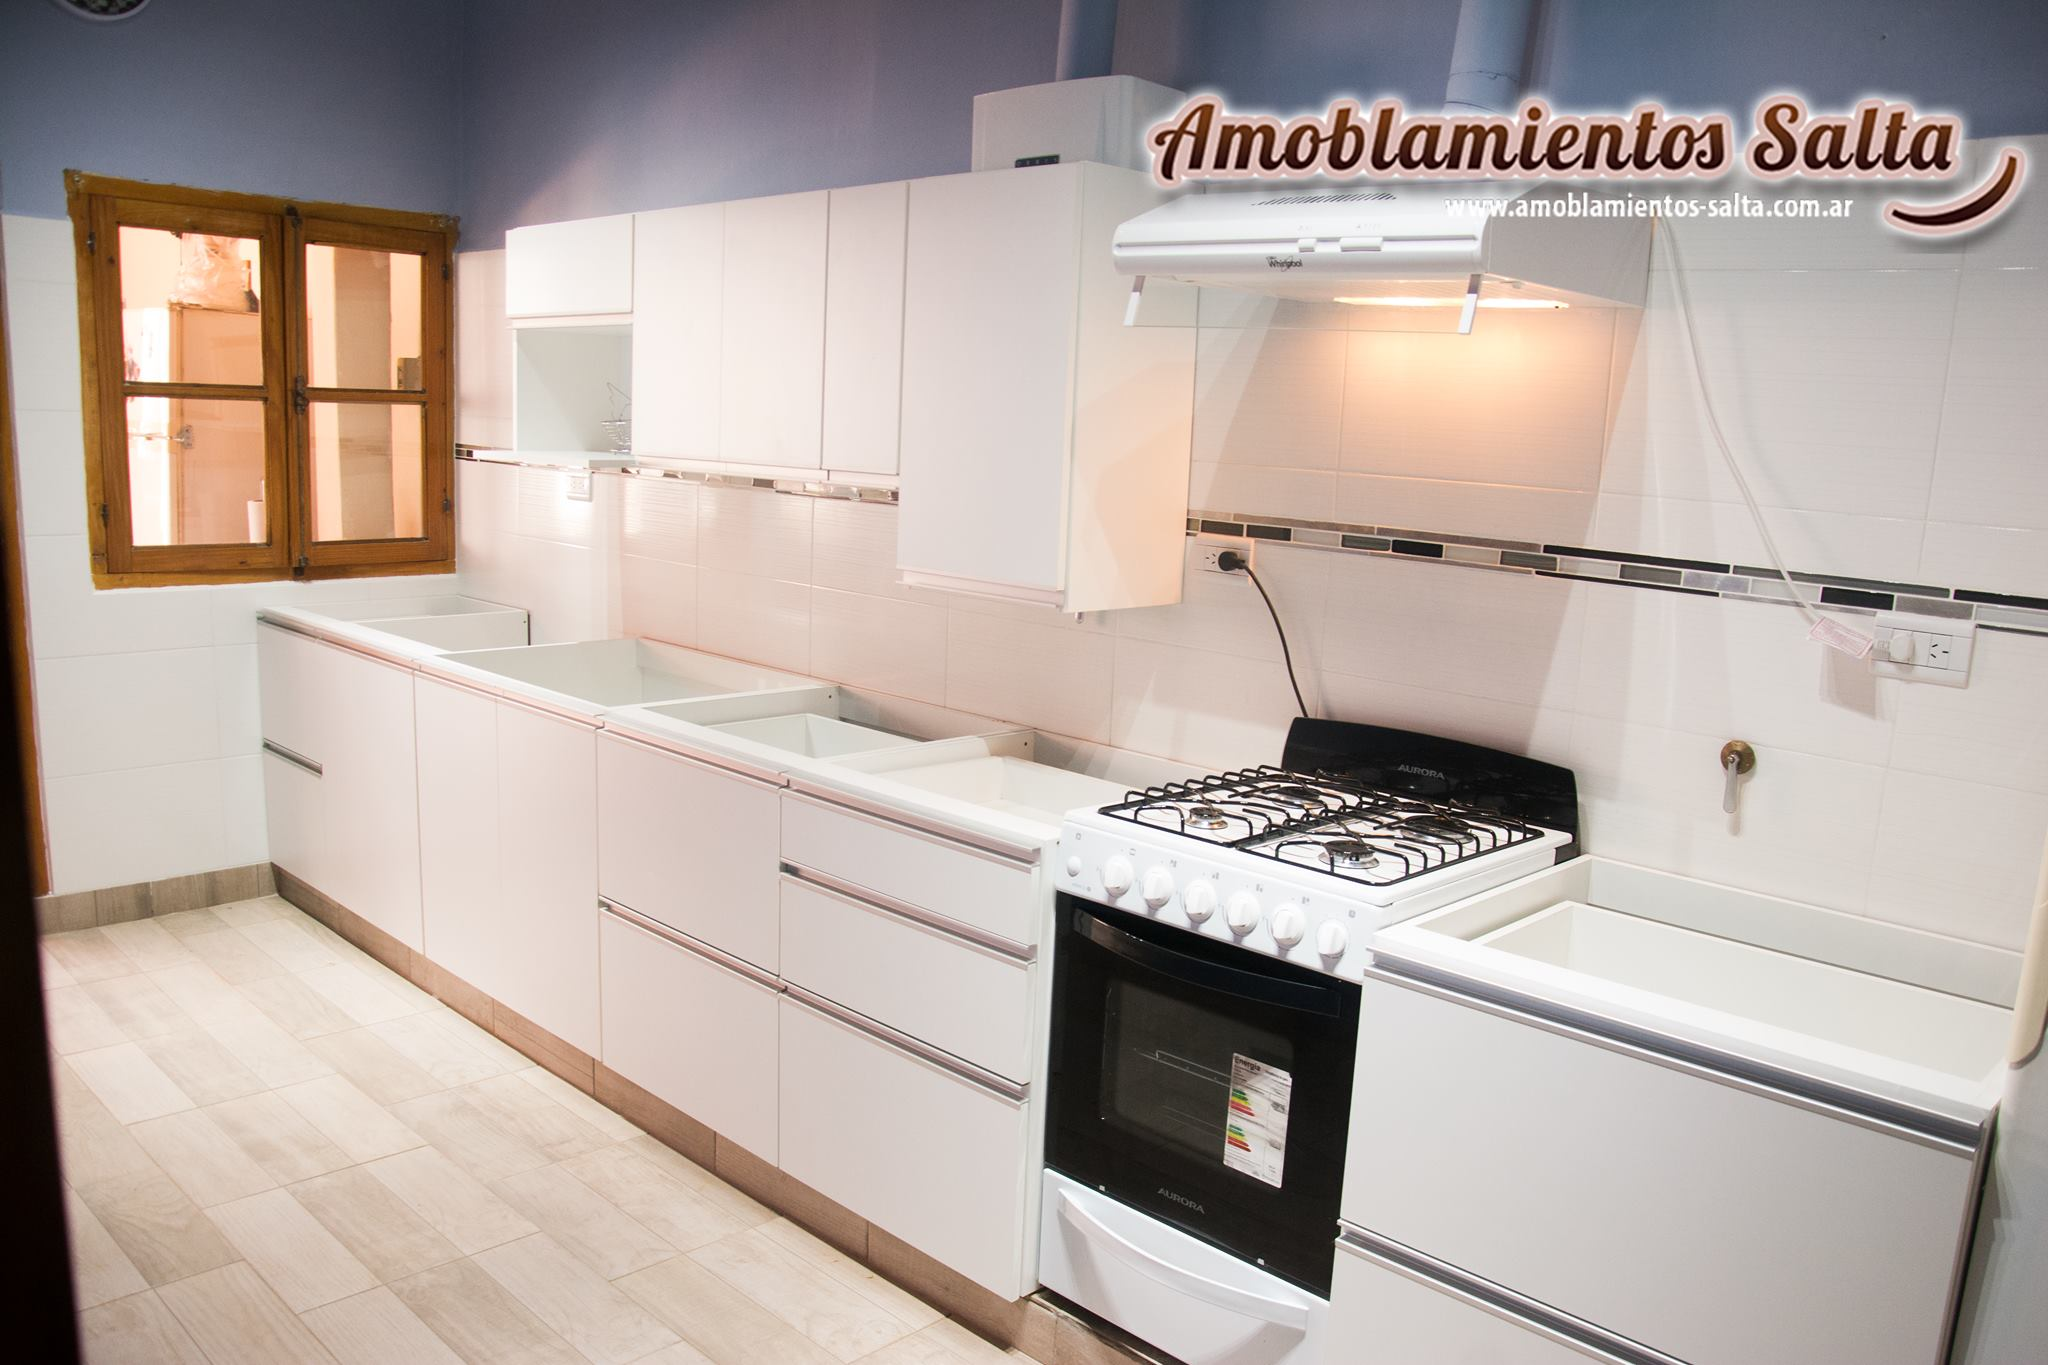 Mueble de Cocina - Salta - Amoblamientos